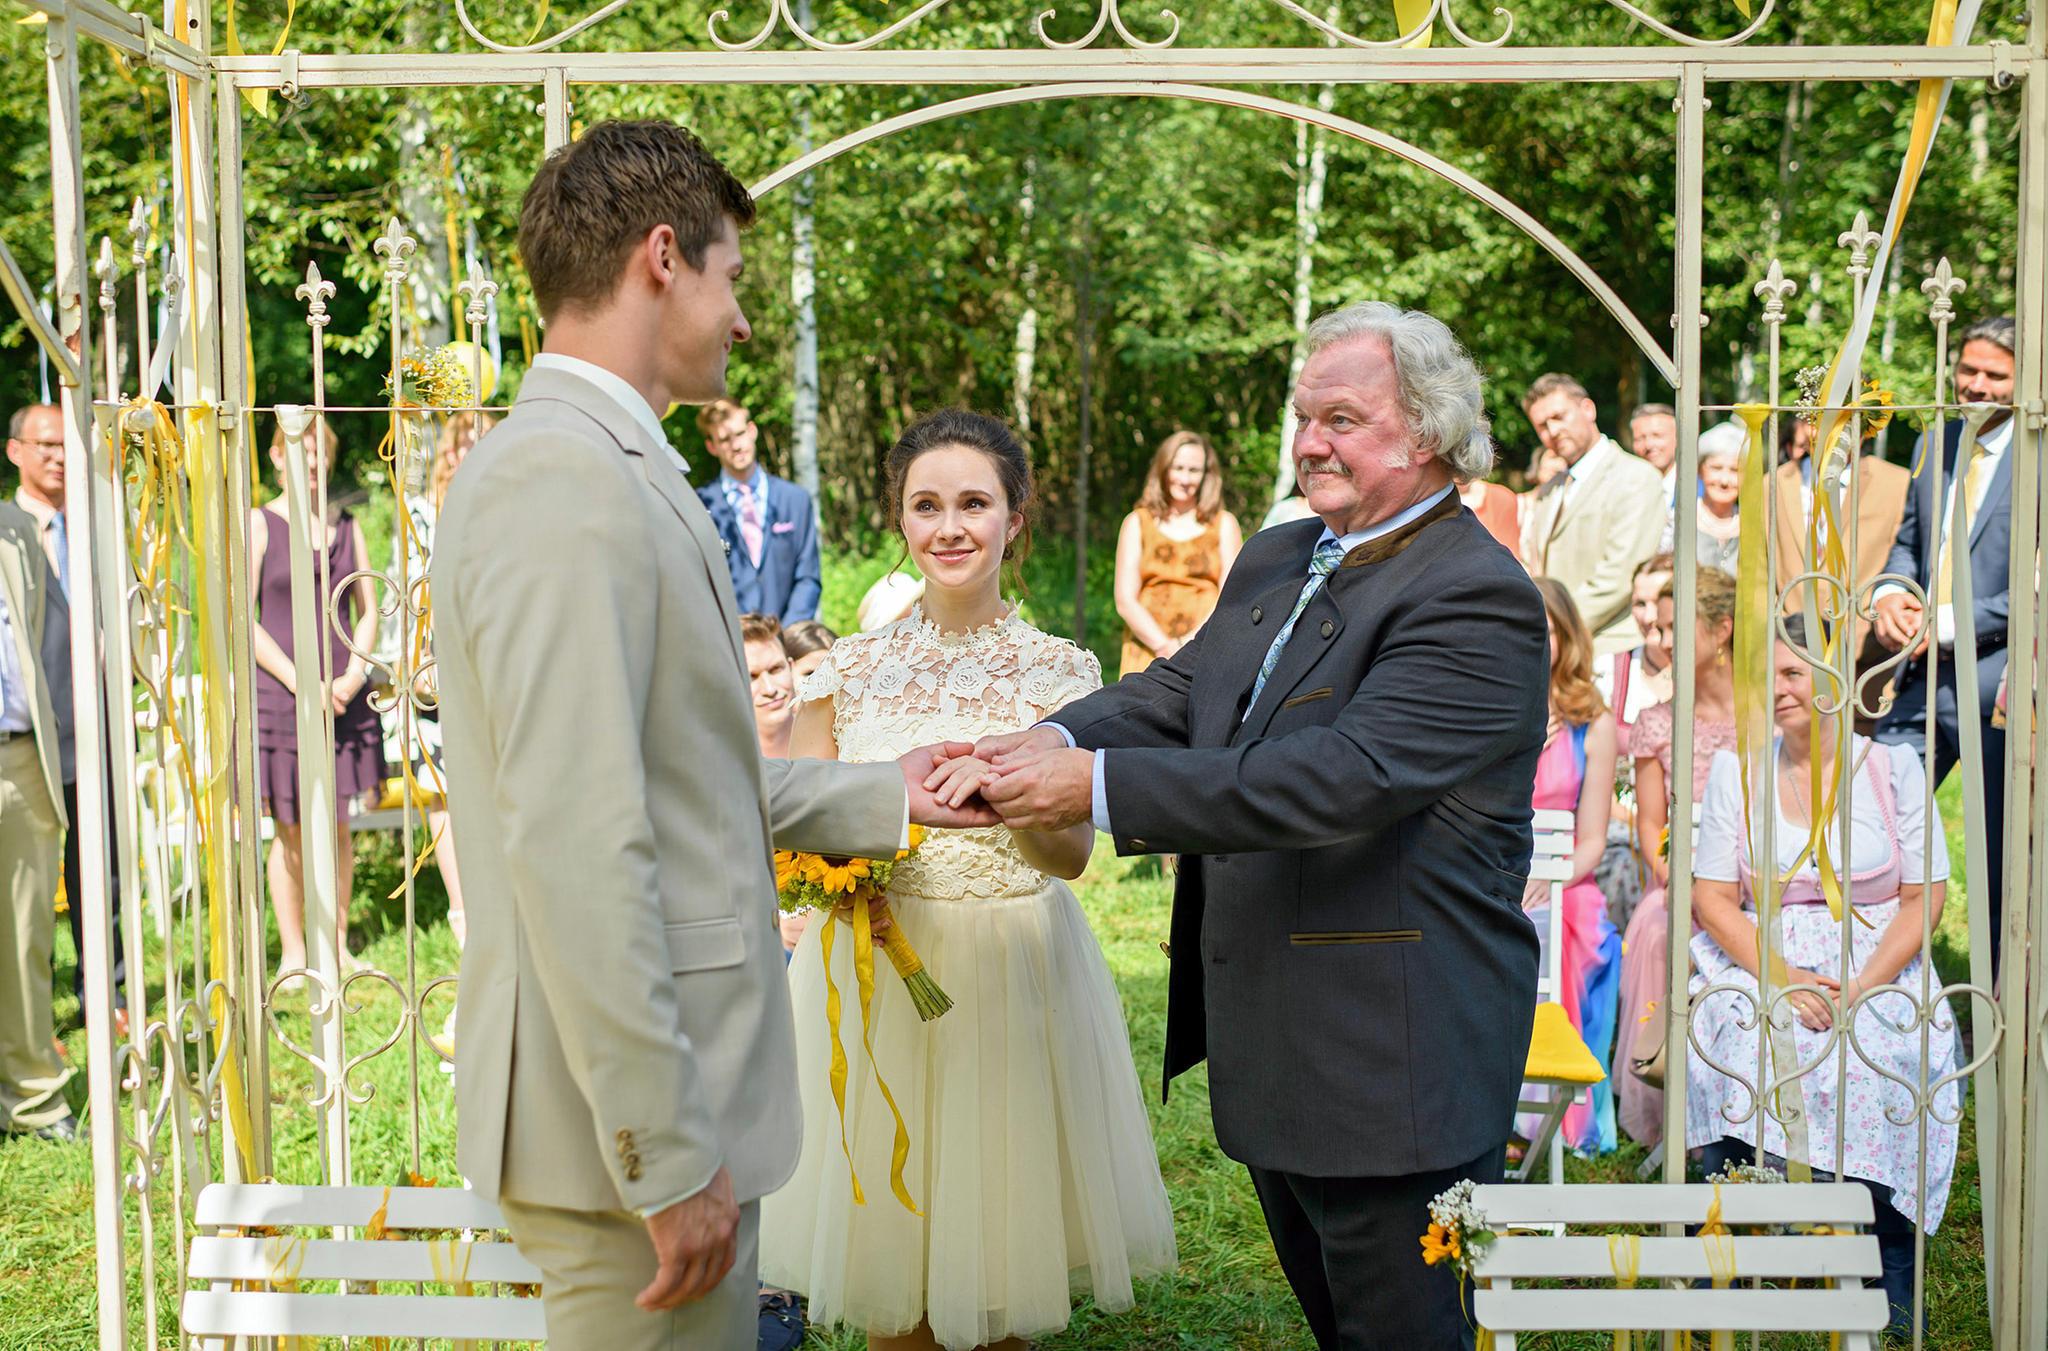 """""""Sturm der Liebe"""":Paul (Sandro Kirtzel, l.) und Romy (Désirée von Delft, Mitte) feiern Hochzeit. Romys VaterHieronymus (Werner Biermeier, r.) gibt dem Paar seinen Segen."""